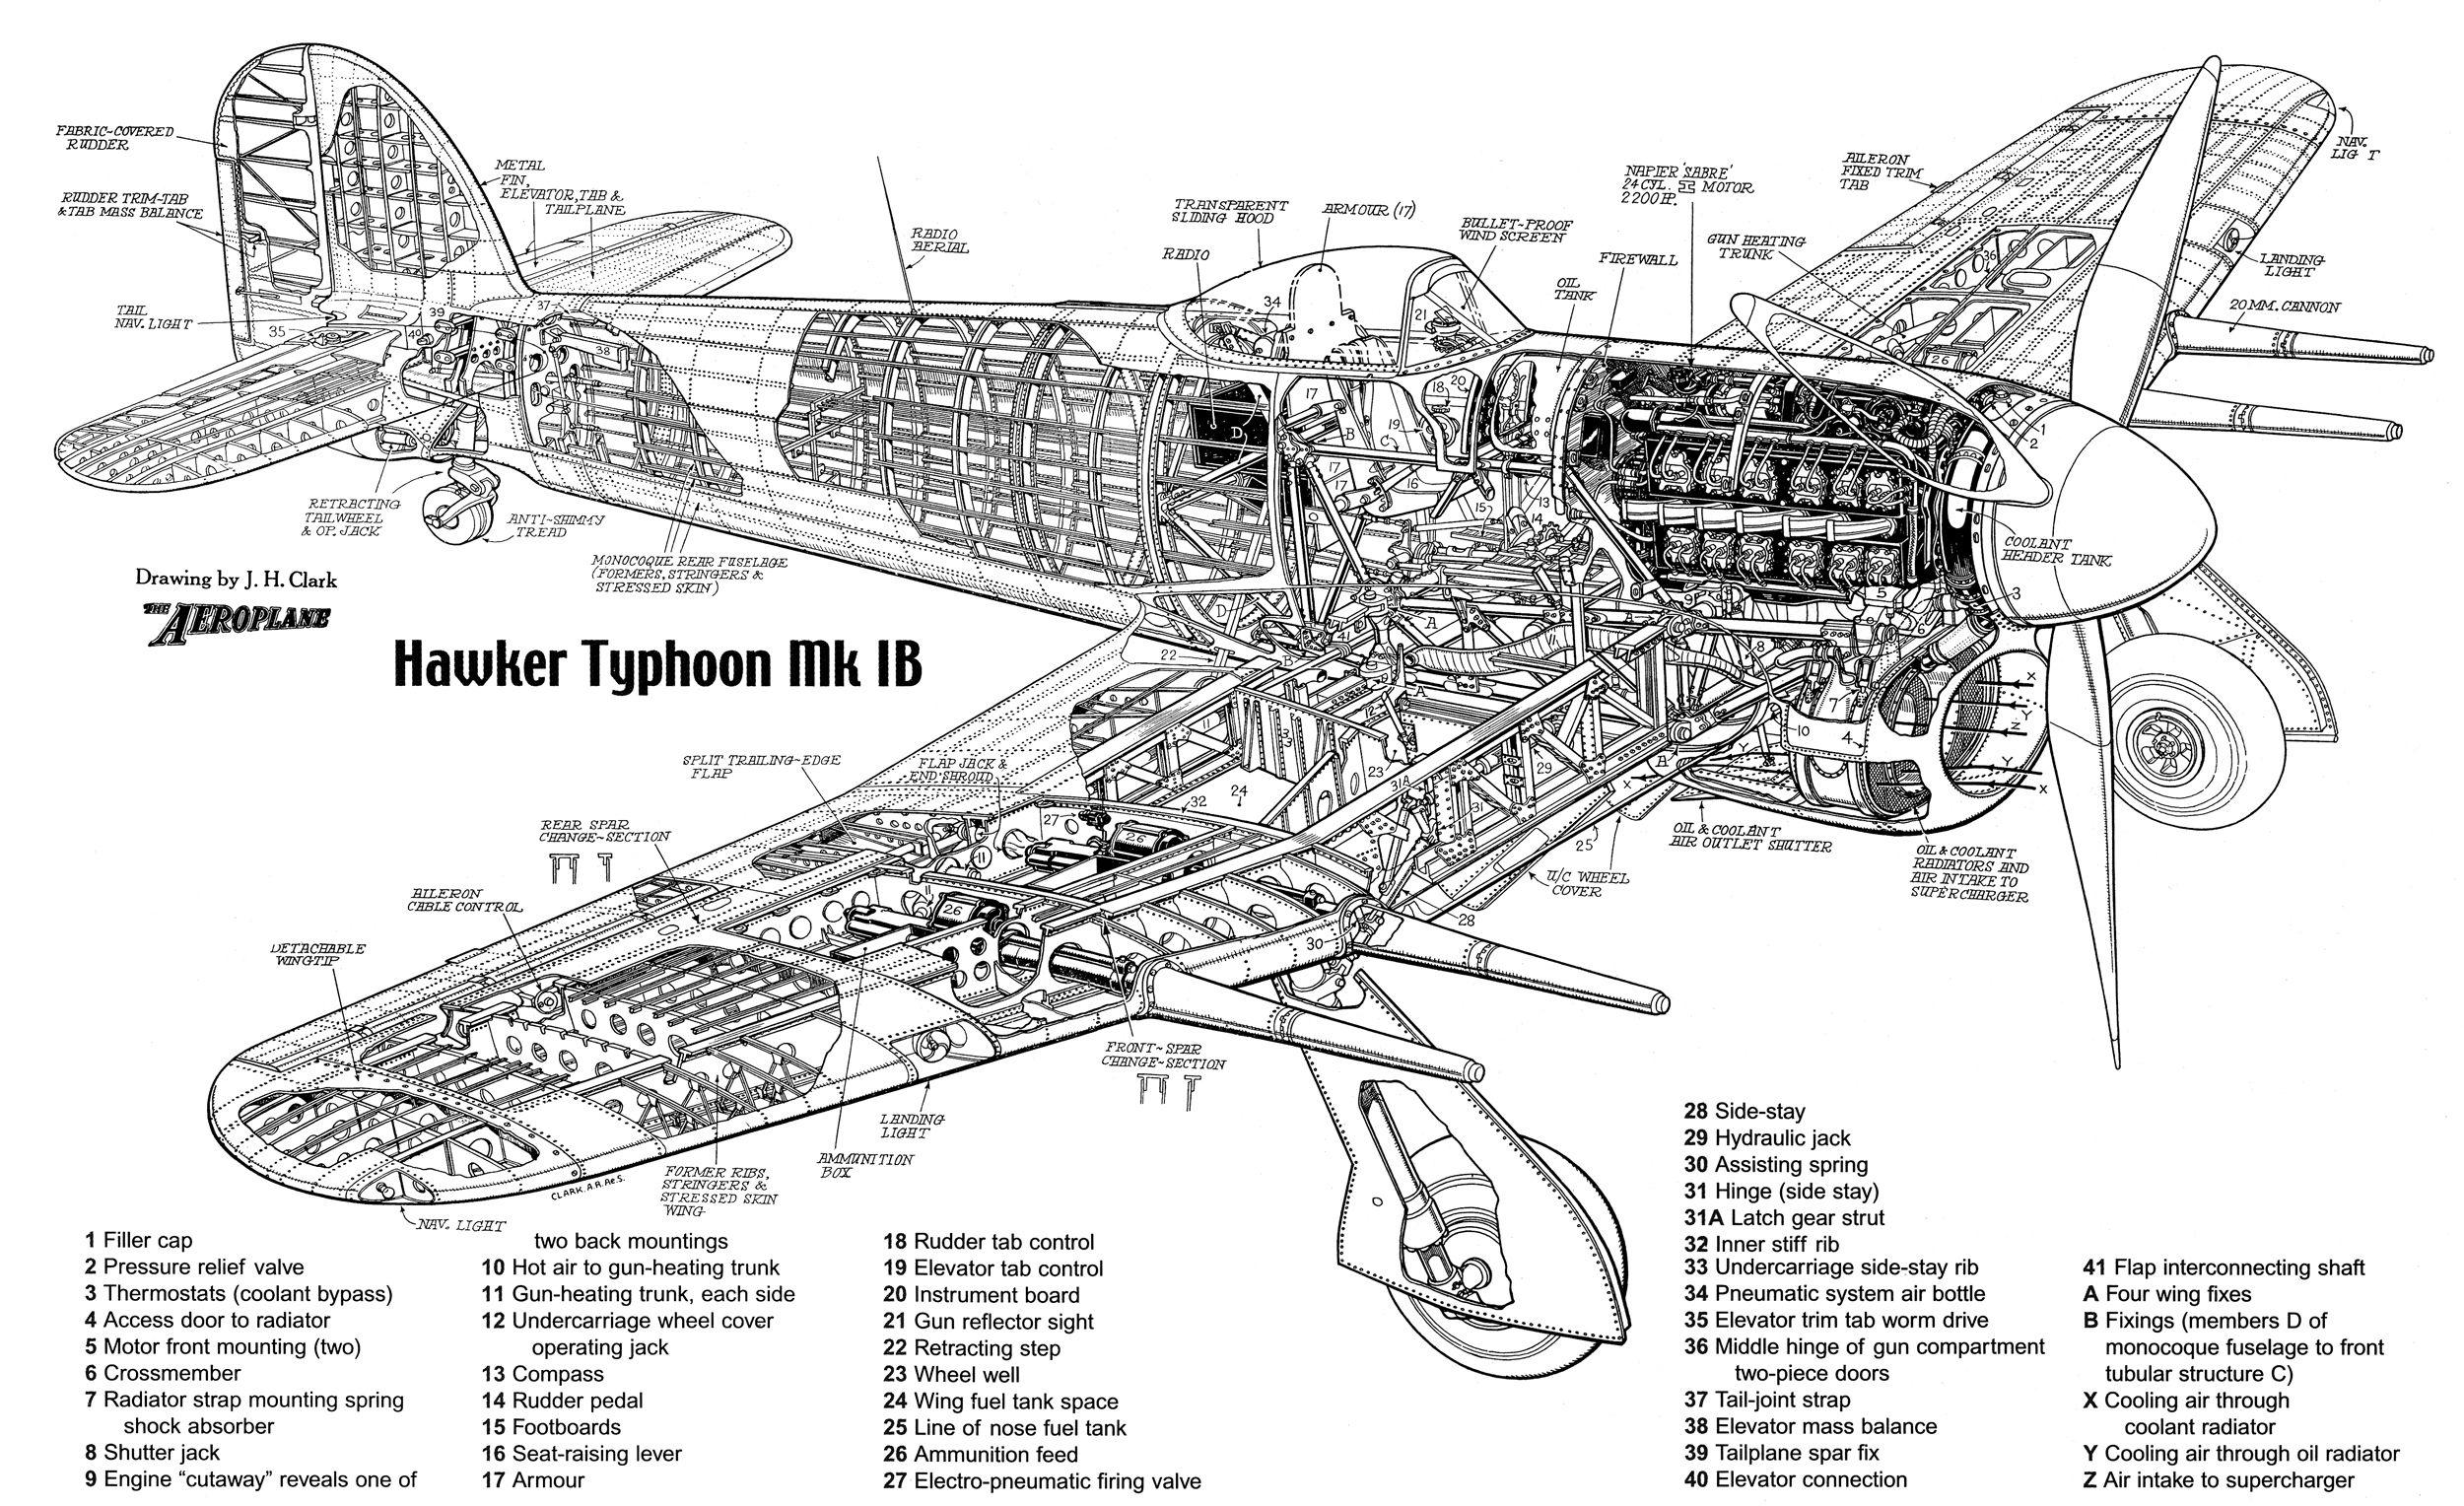 Hawker Typhoon Mkib Cutaway